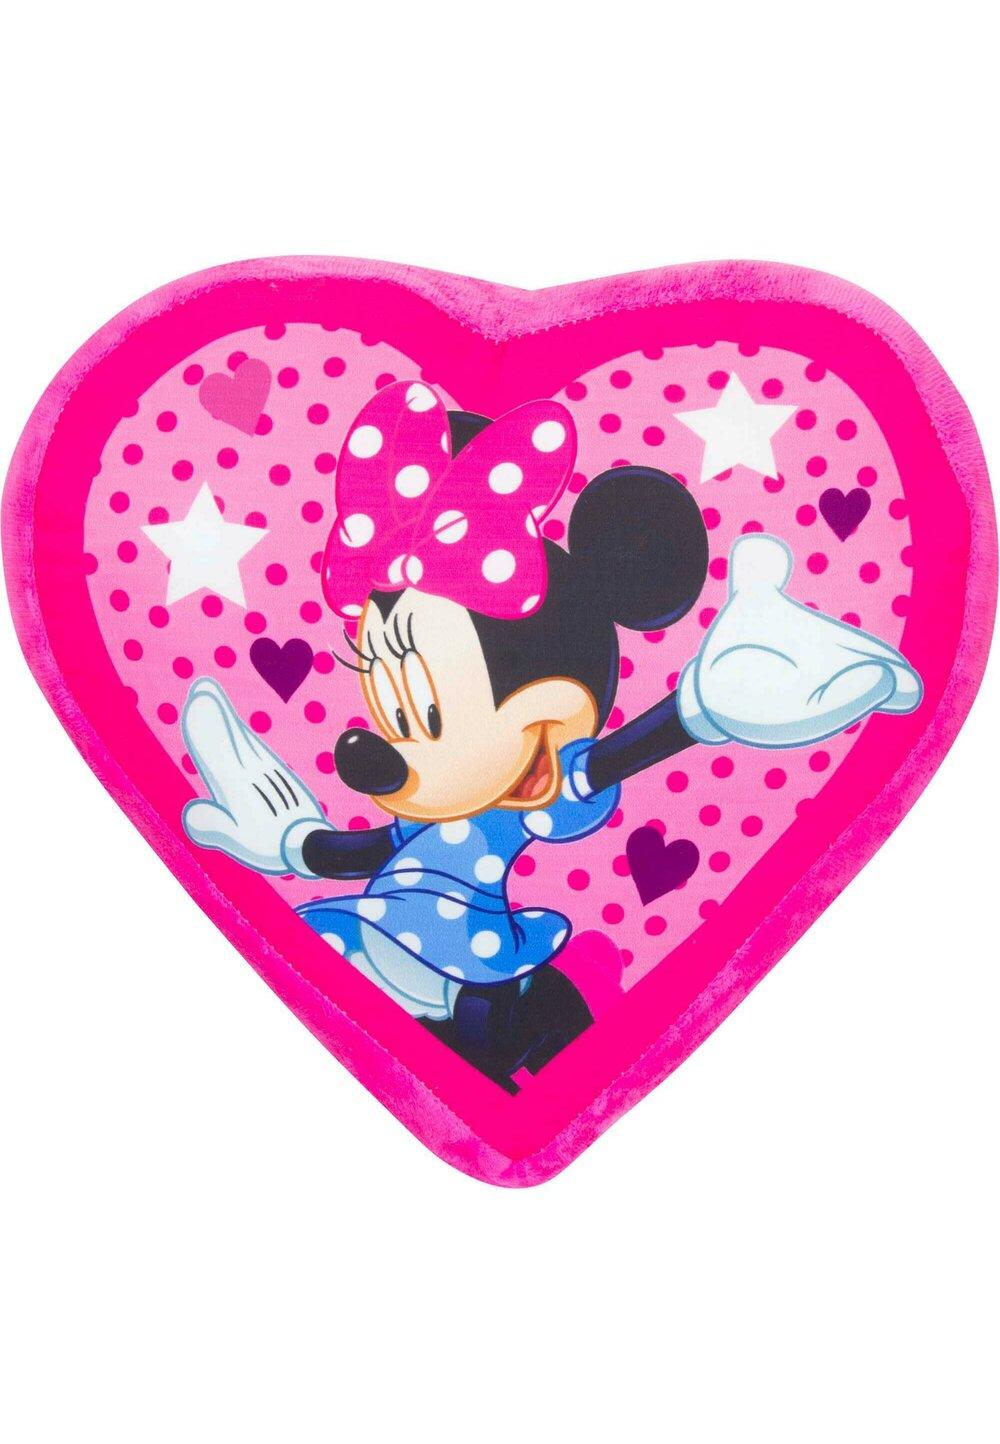 Perna inimioara, Minnie Mouse roz cu buline imagine